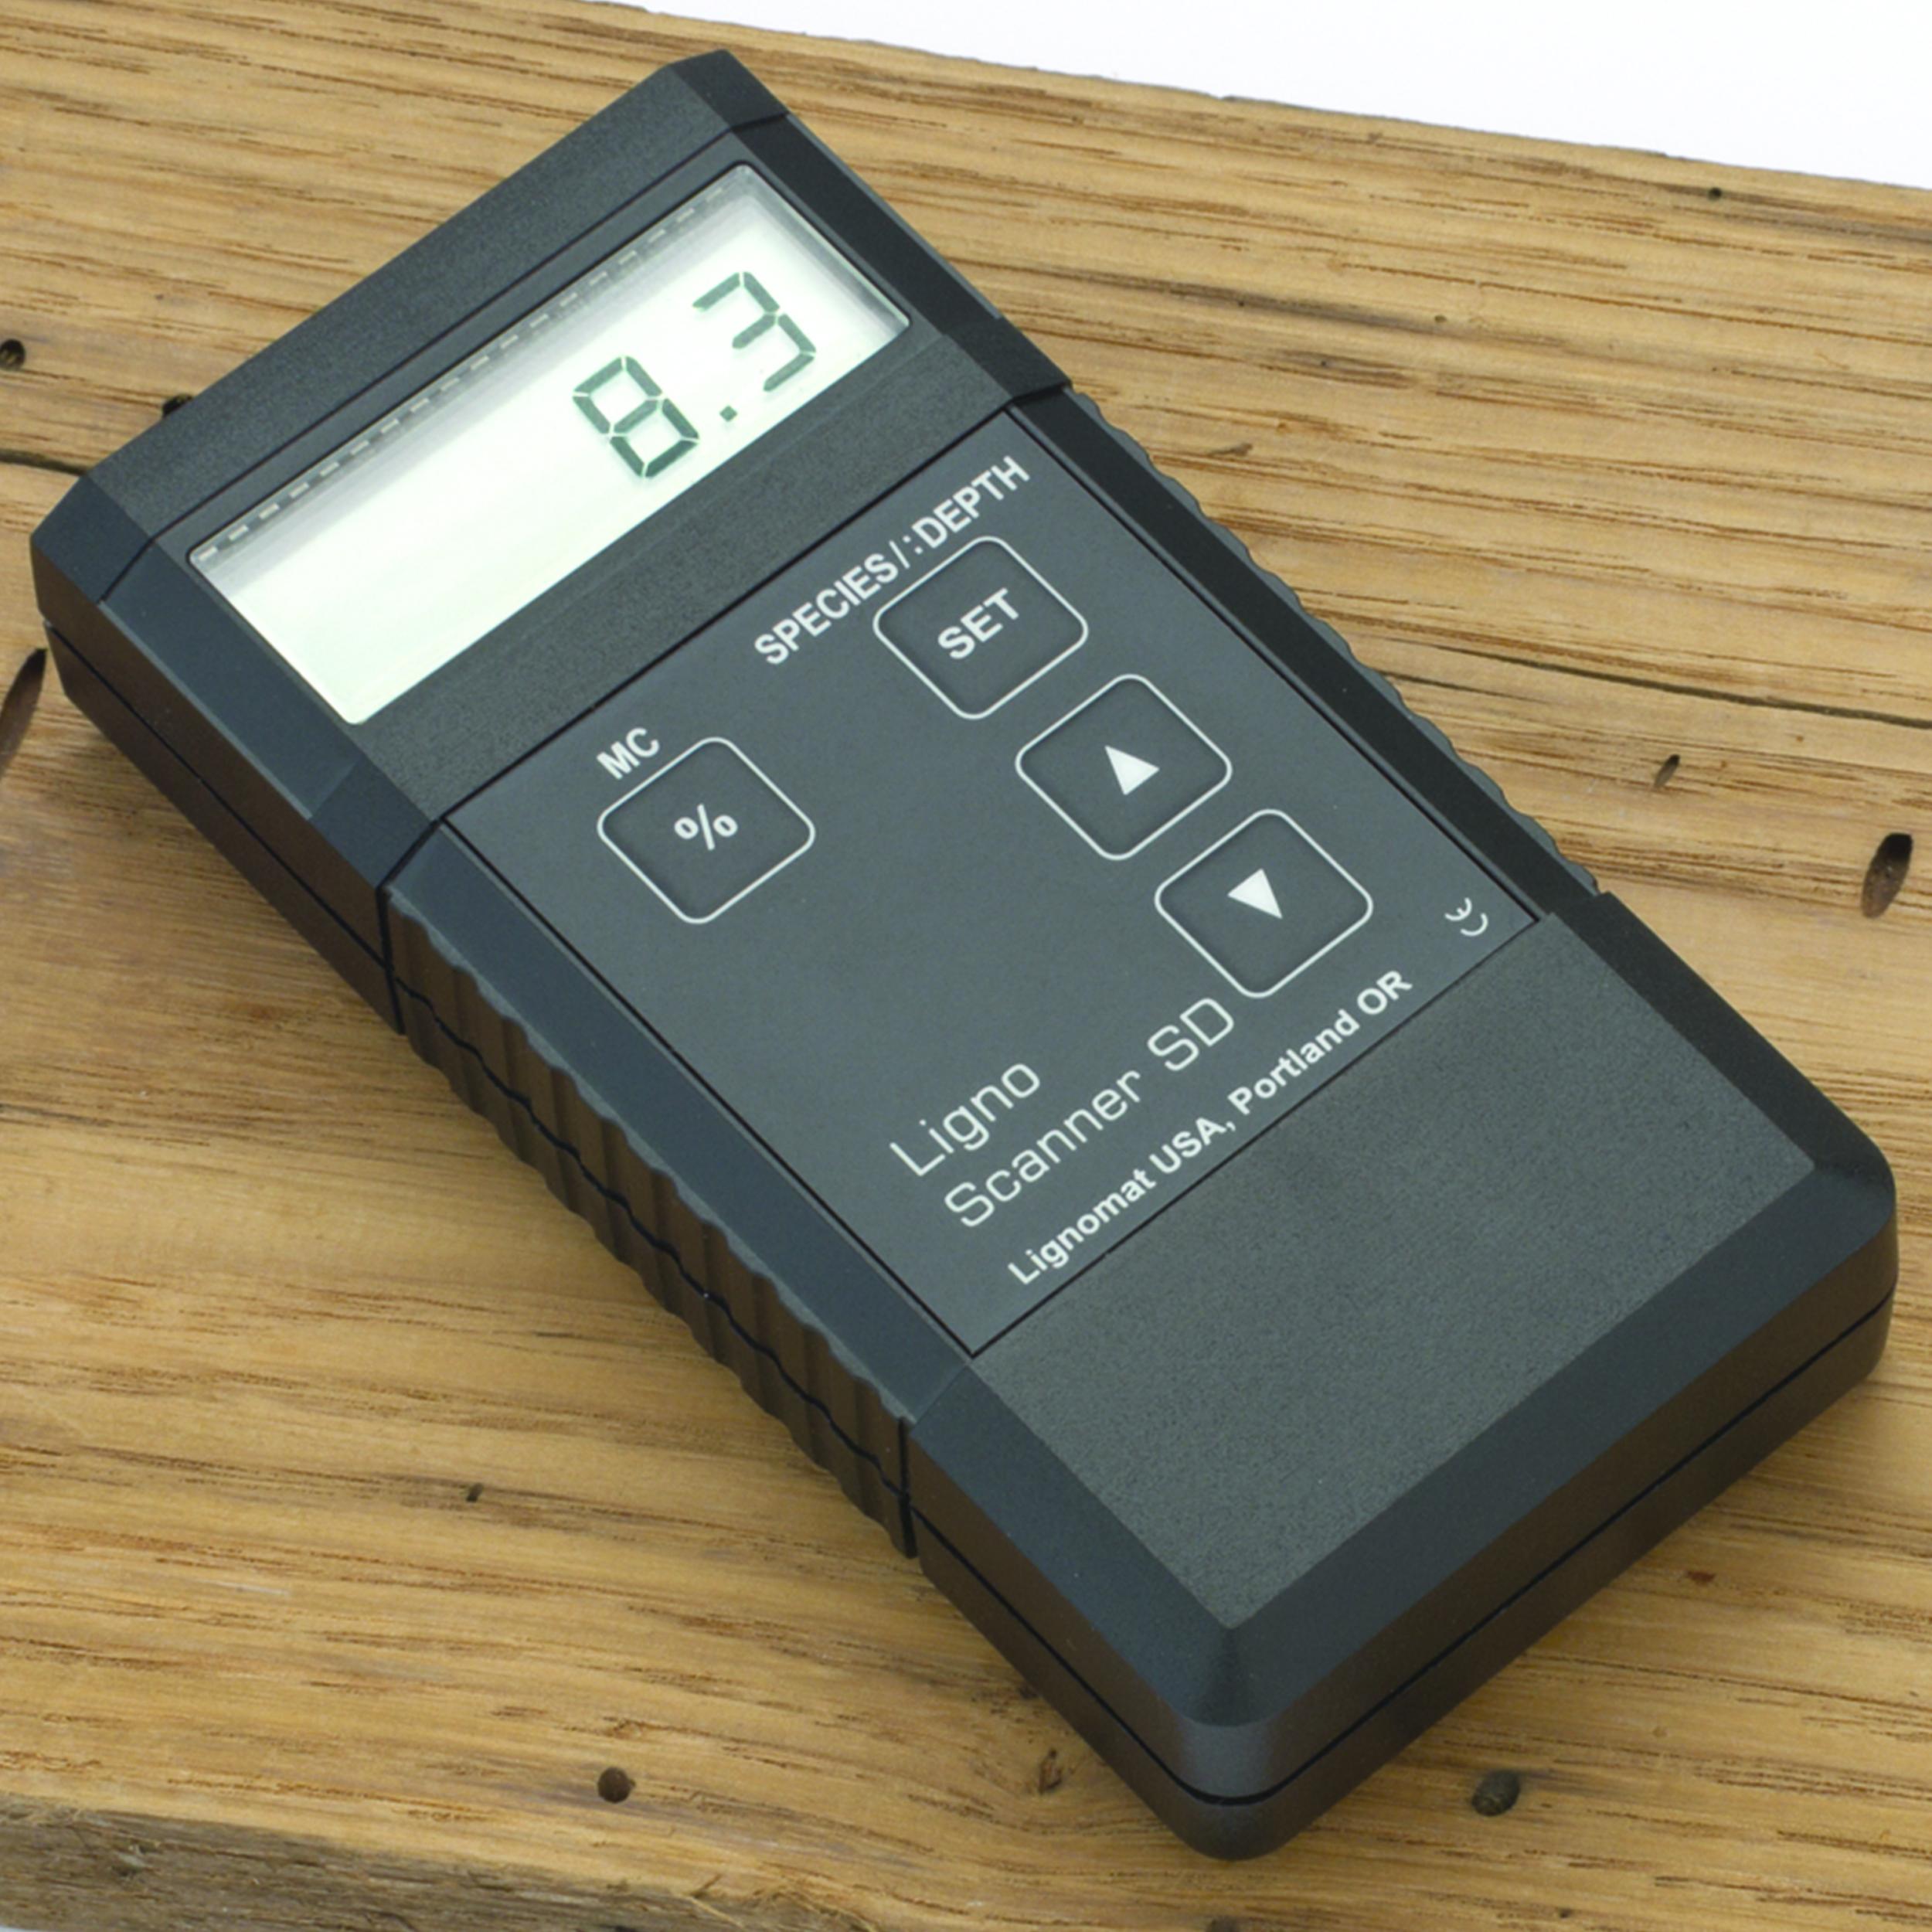 Scanner SD Moisture Meter